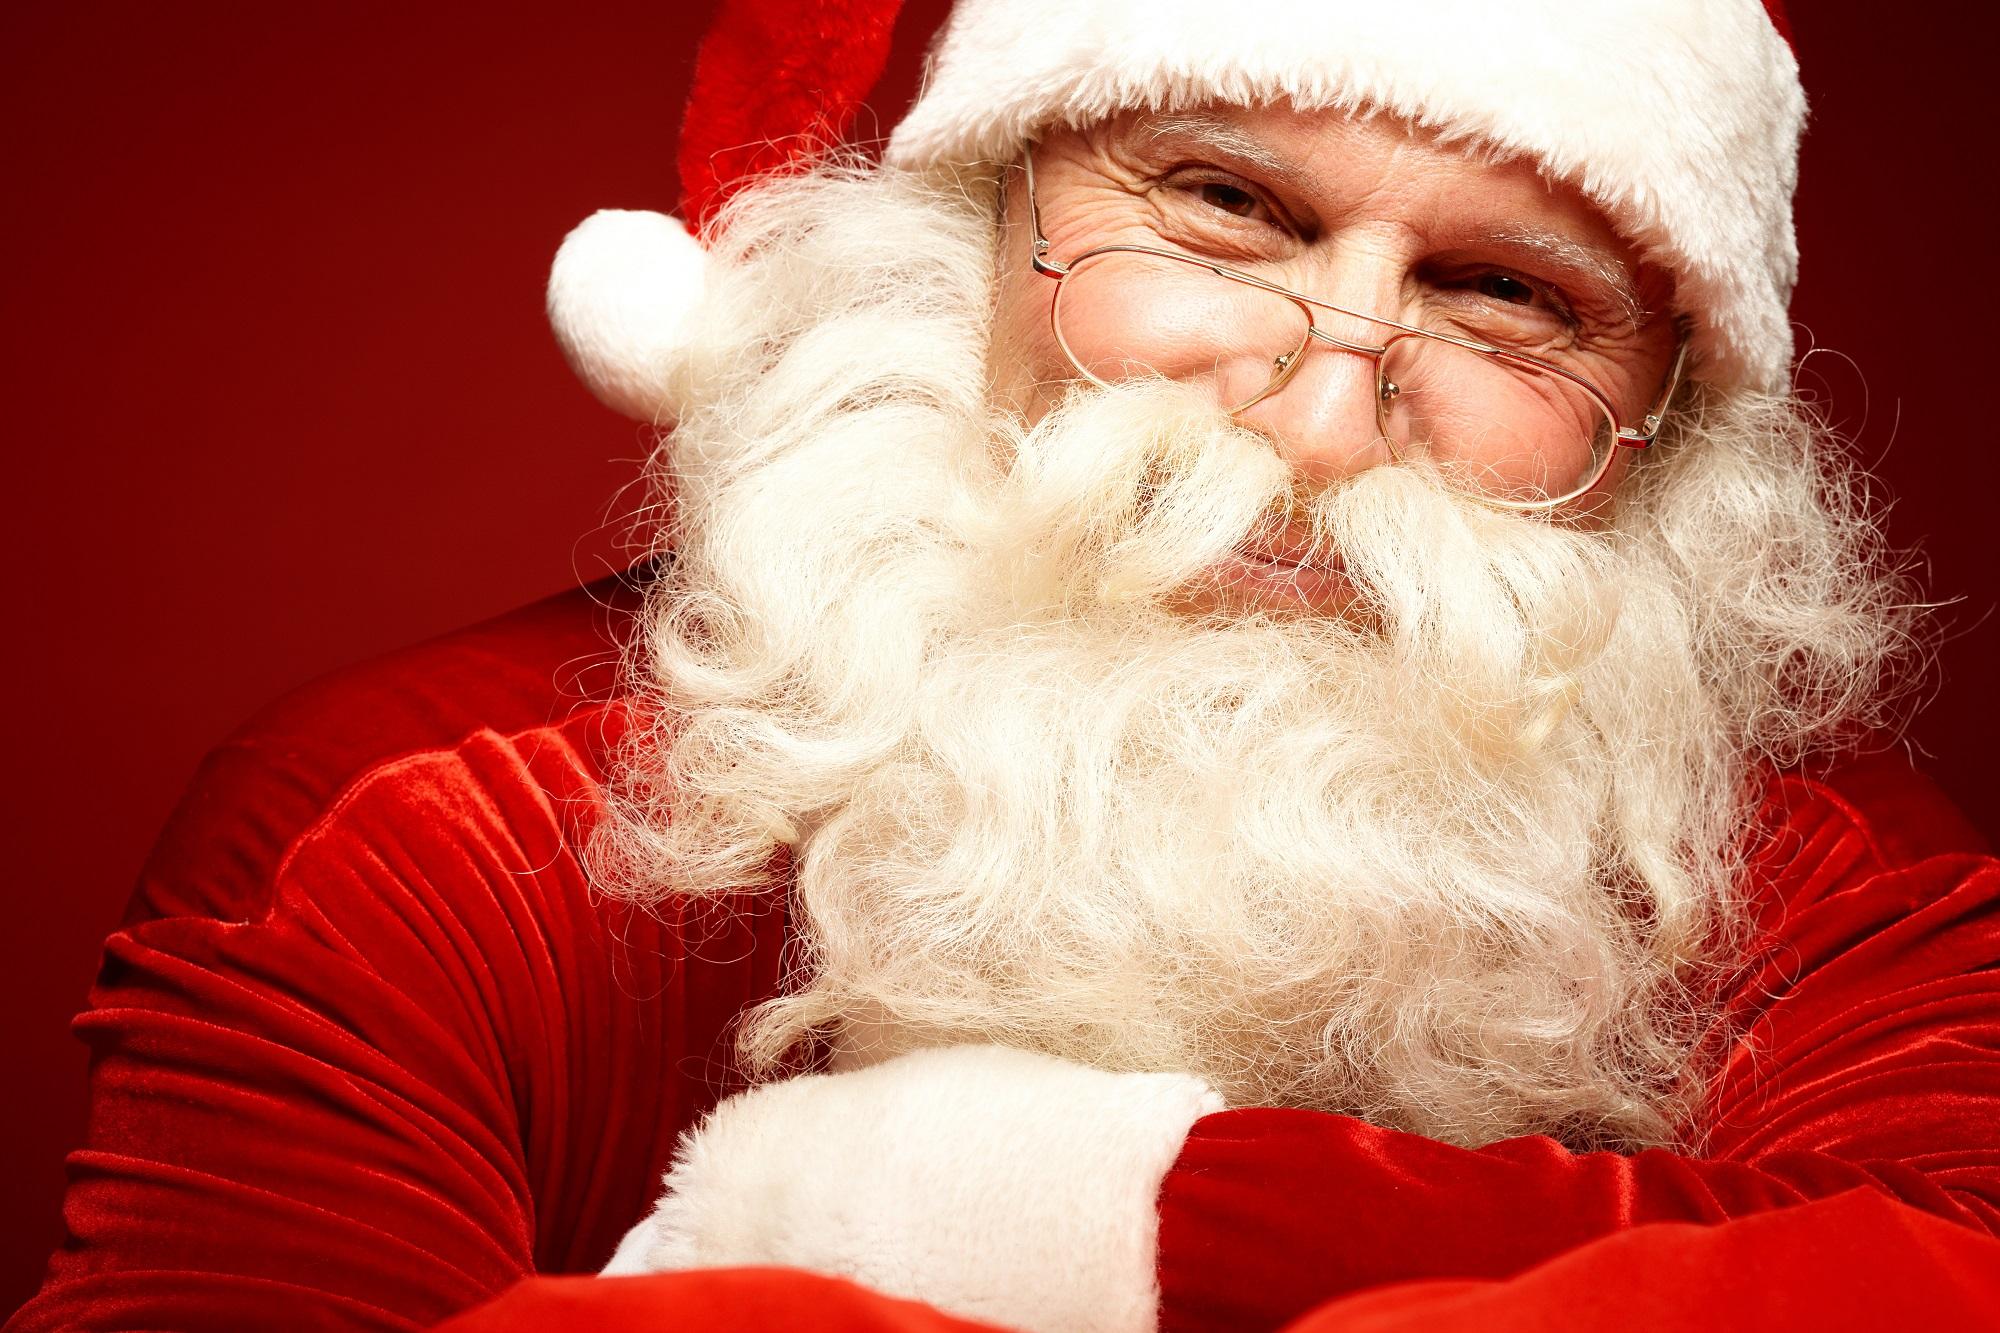 Santa Claus Shutterstock/Pressmaster